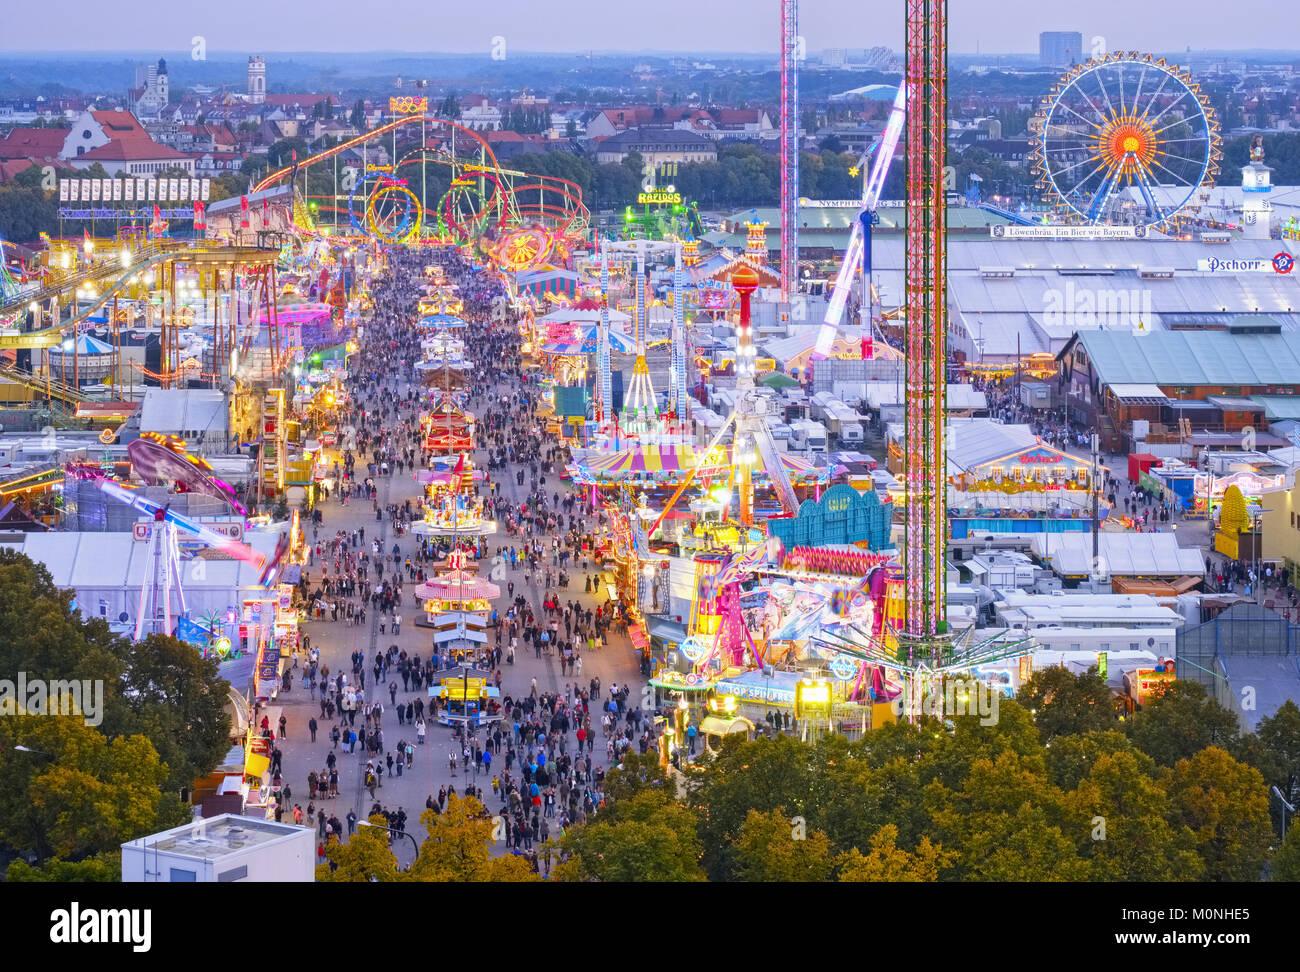 Ausblick über das Oktoberfest, Wiesn, München, Oberbayern, Bayern, Deutschland - Stock Image